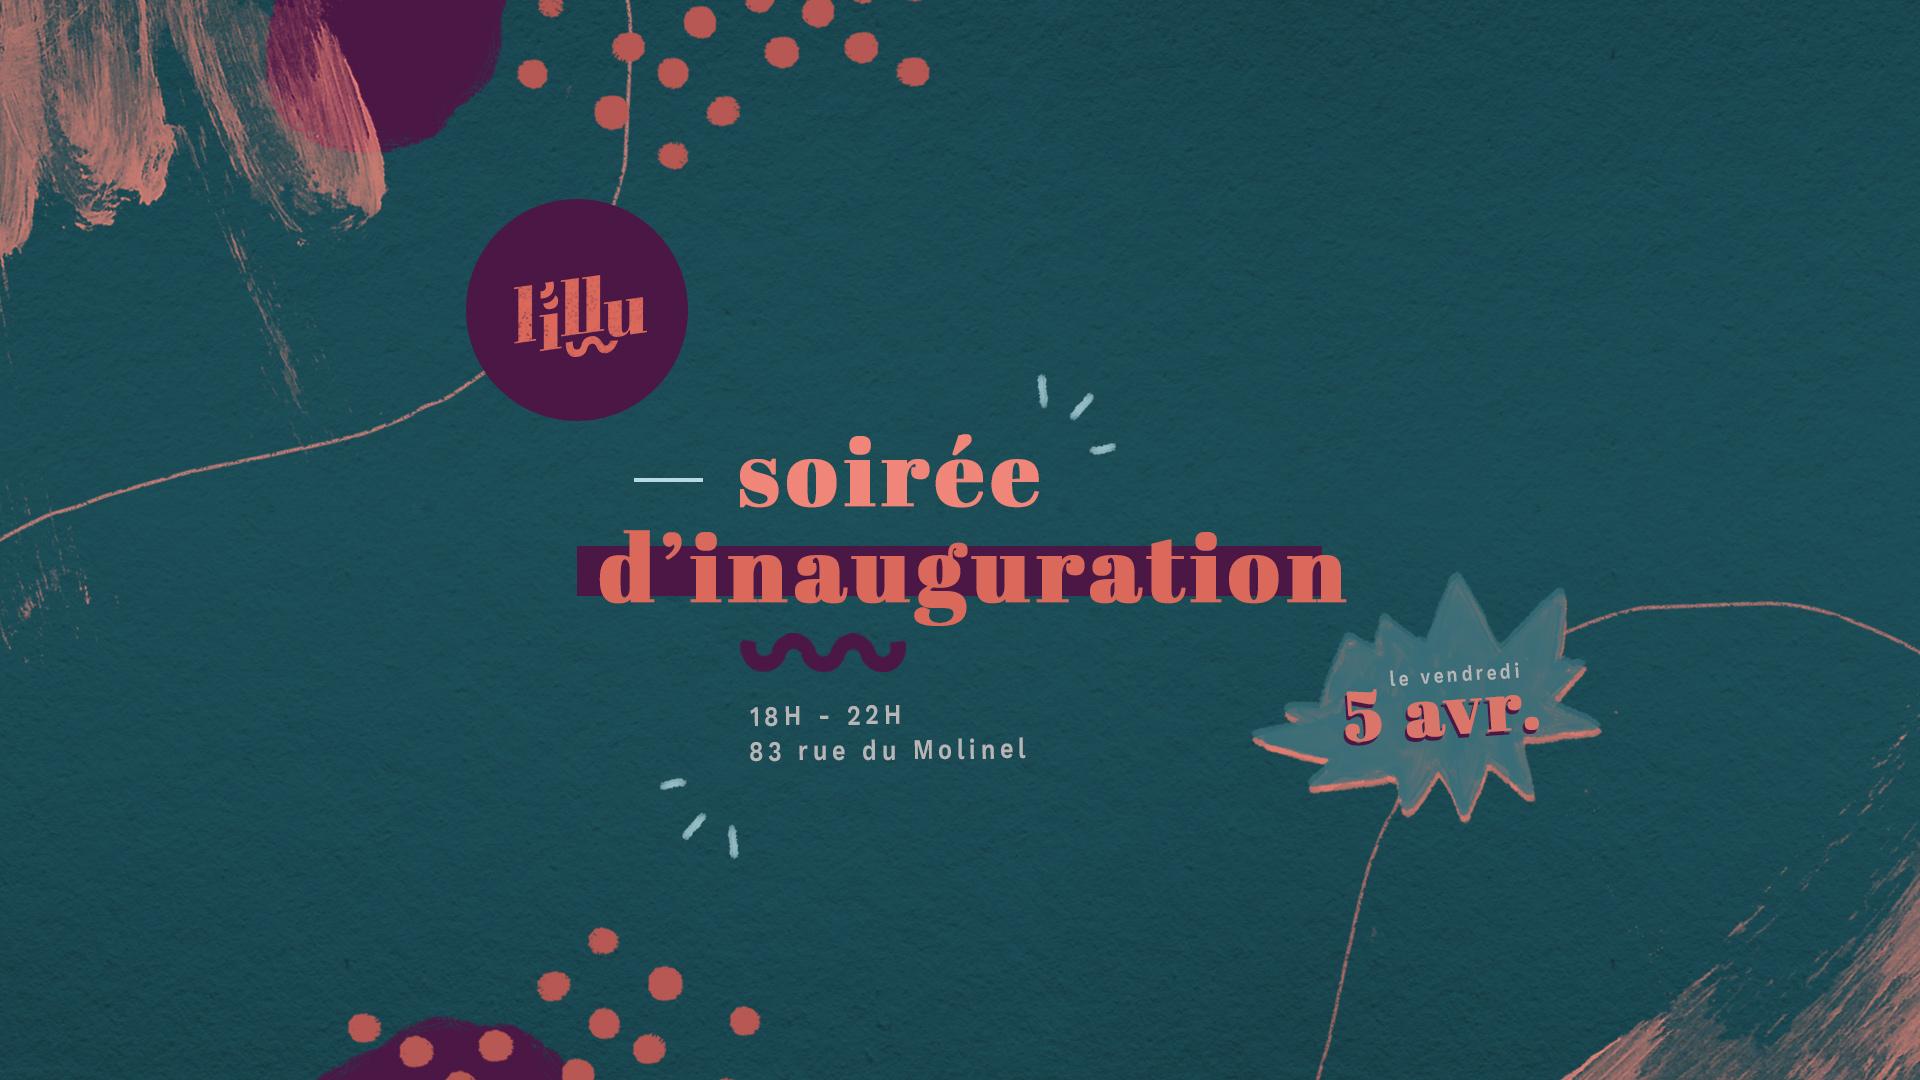 Branding galerie L'Illu - Flouk - Floriane Dupont - studio design & créations graphiques - Lille - Roubaix